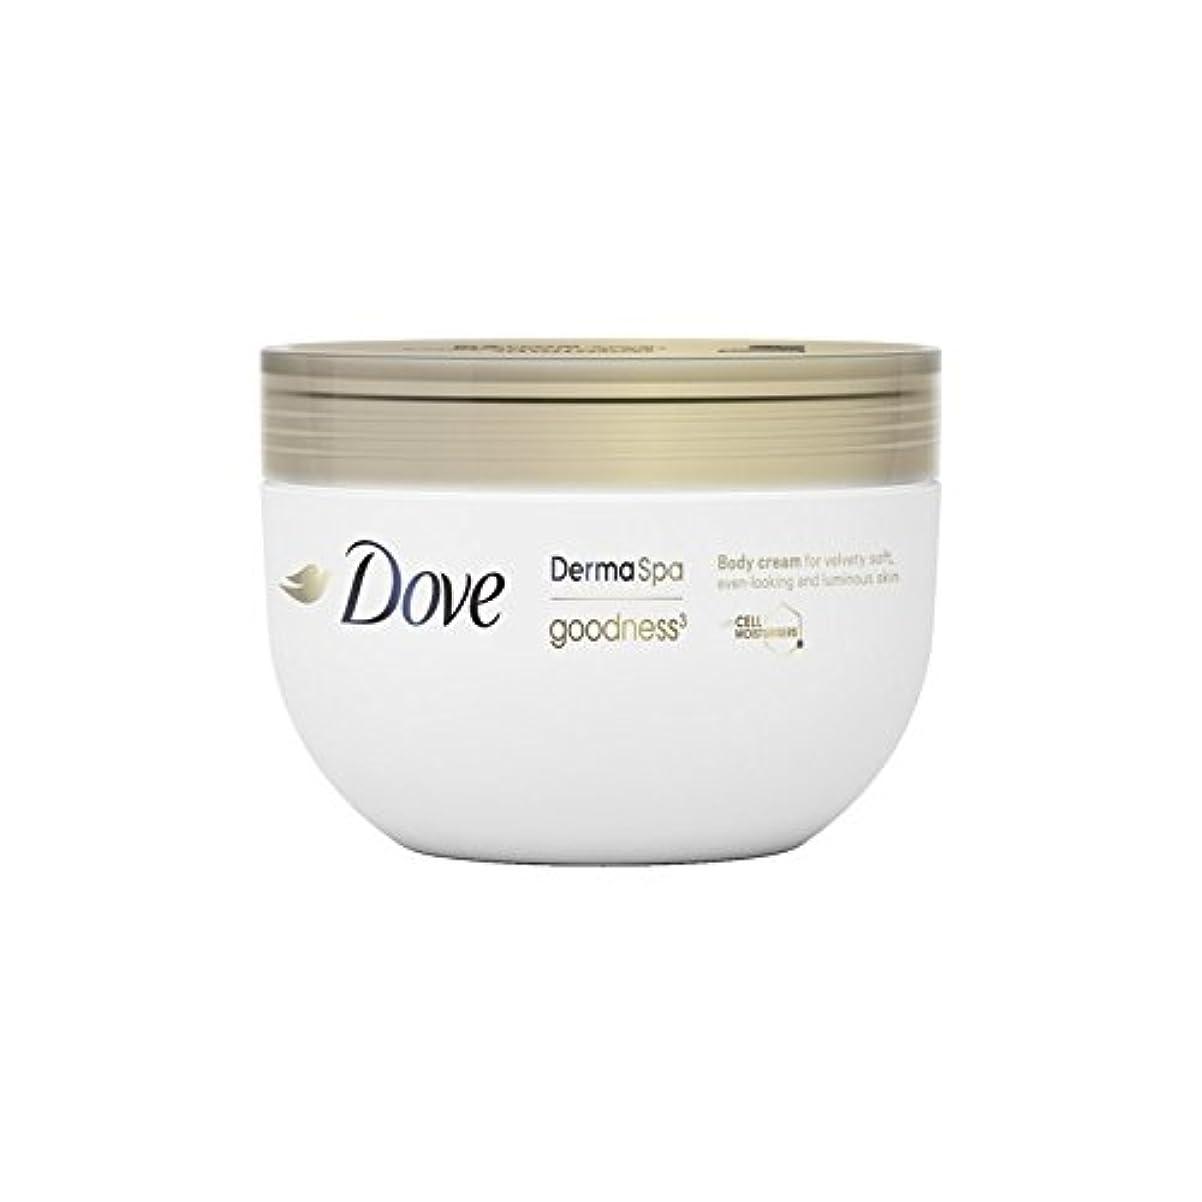 タイマークラッチボーカルDove DermaSpa Goodness3 Body Cream (300ml) (Pack of 6) - 鳩の3ボディクリーム(300ミリリットル) x6 [並行輸入品]